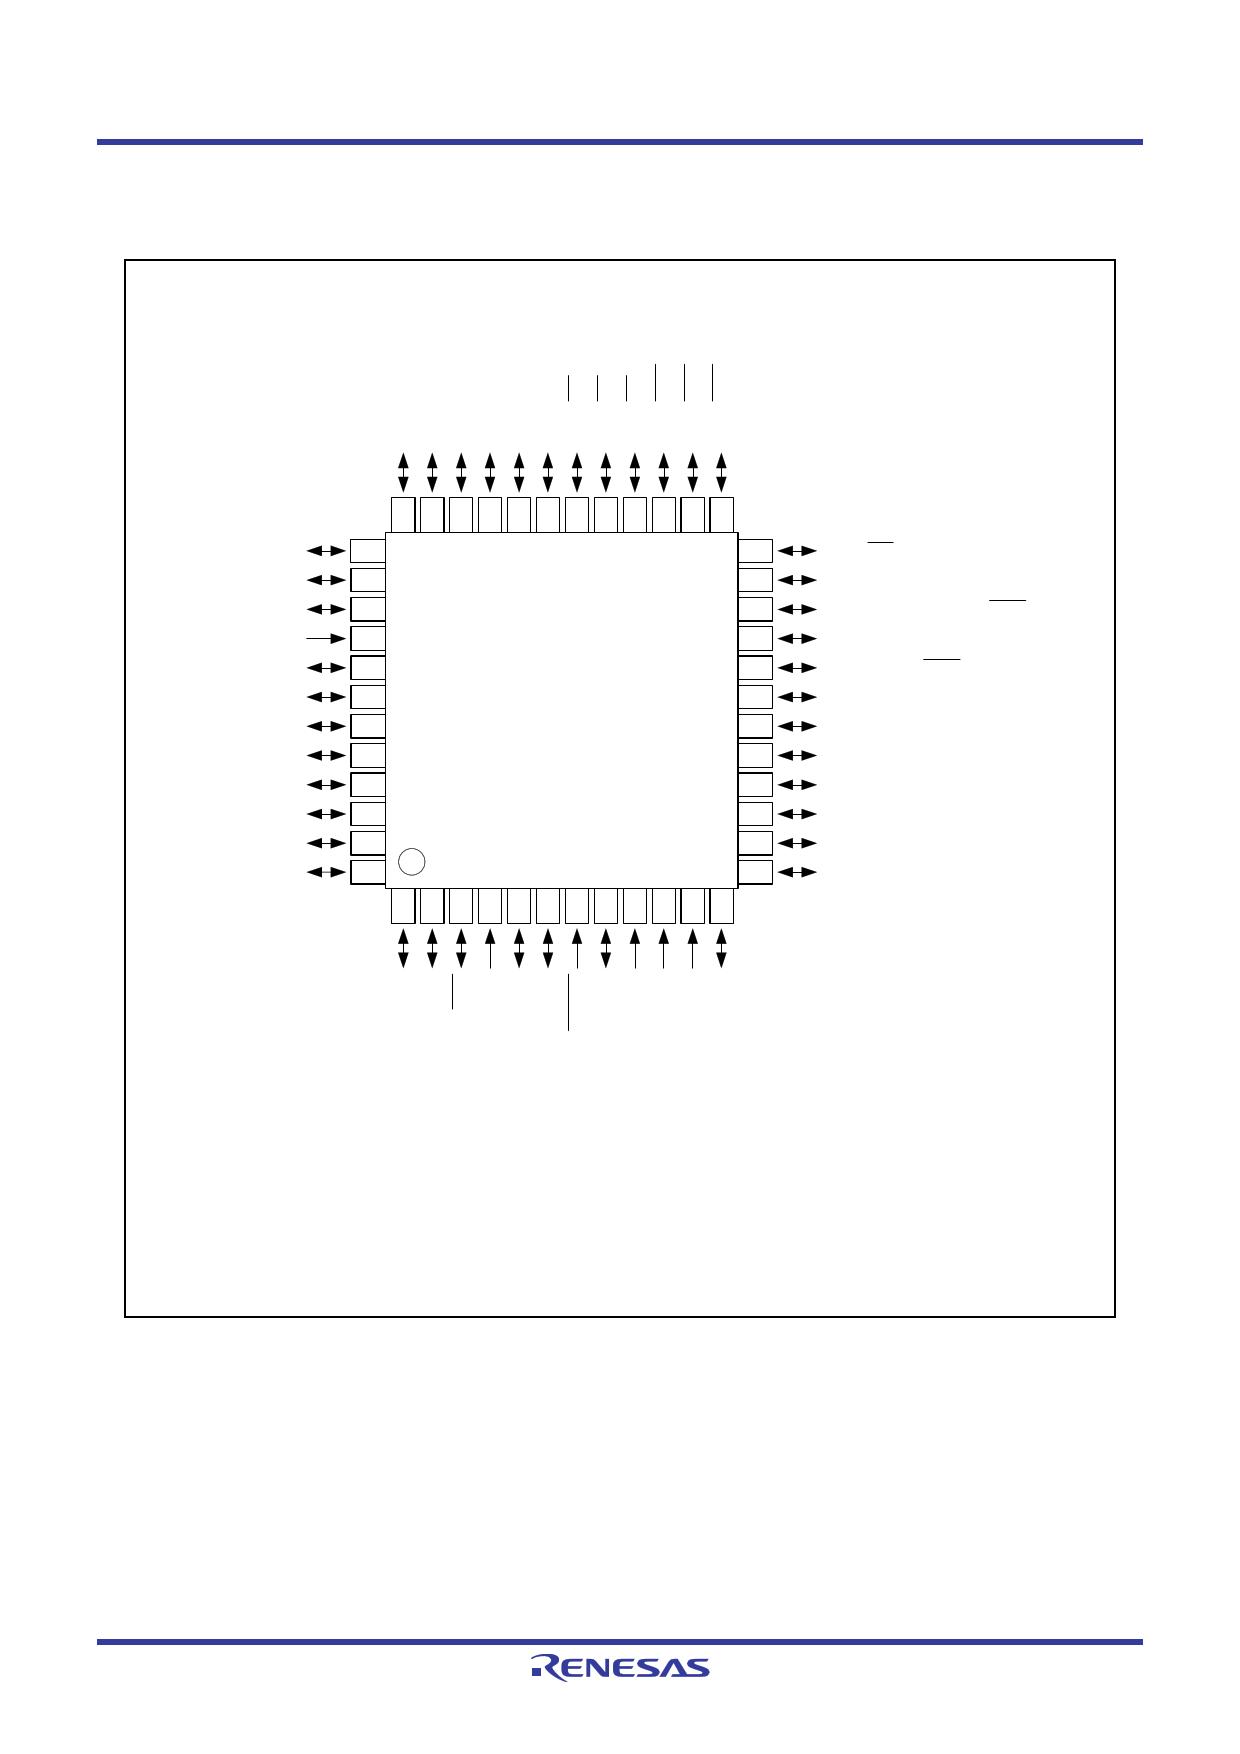 R5F21228DFP 전자부품, 판매, 대치품